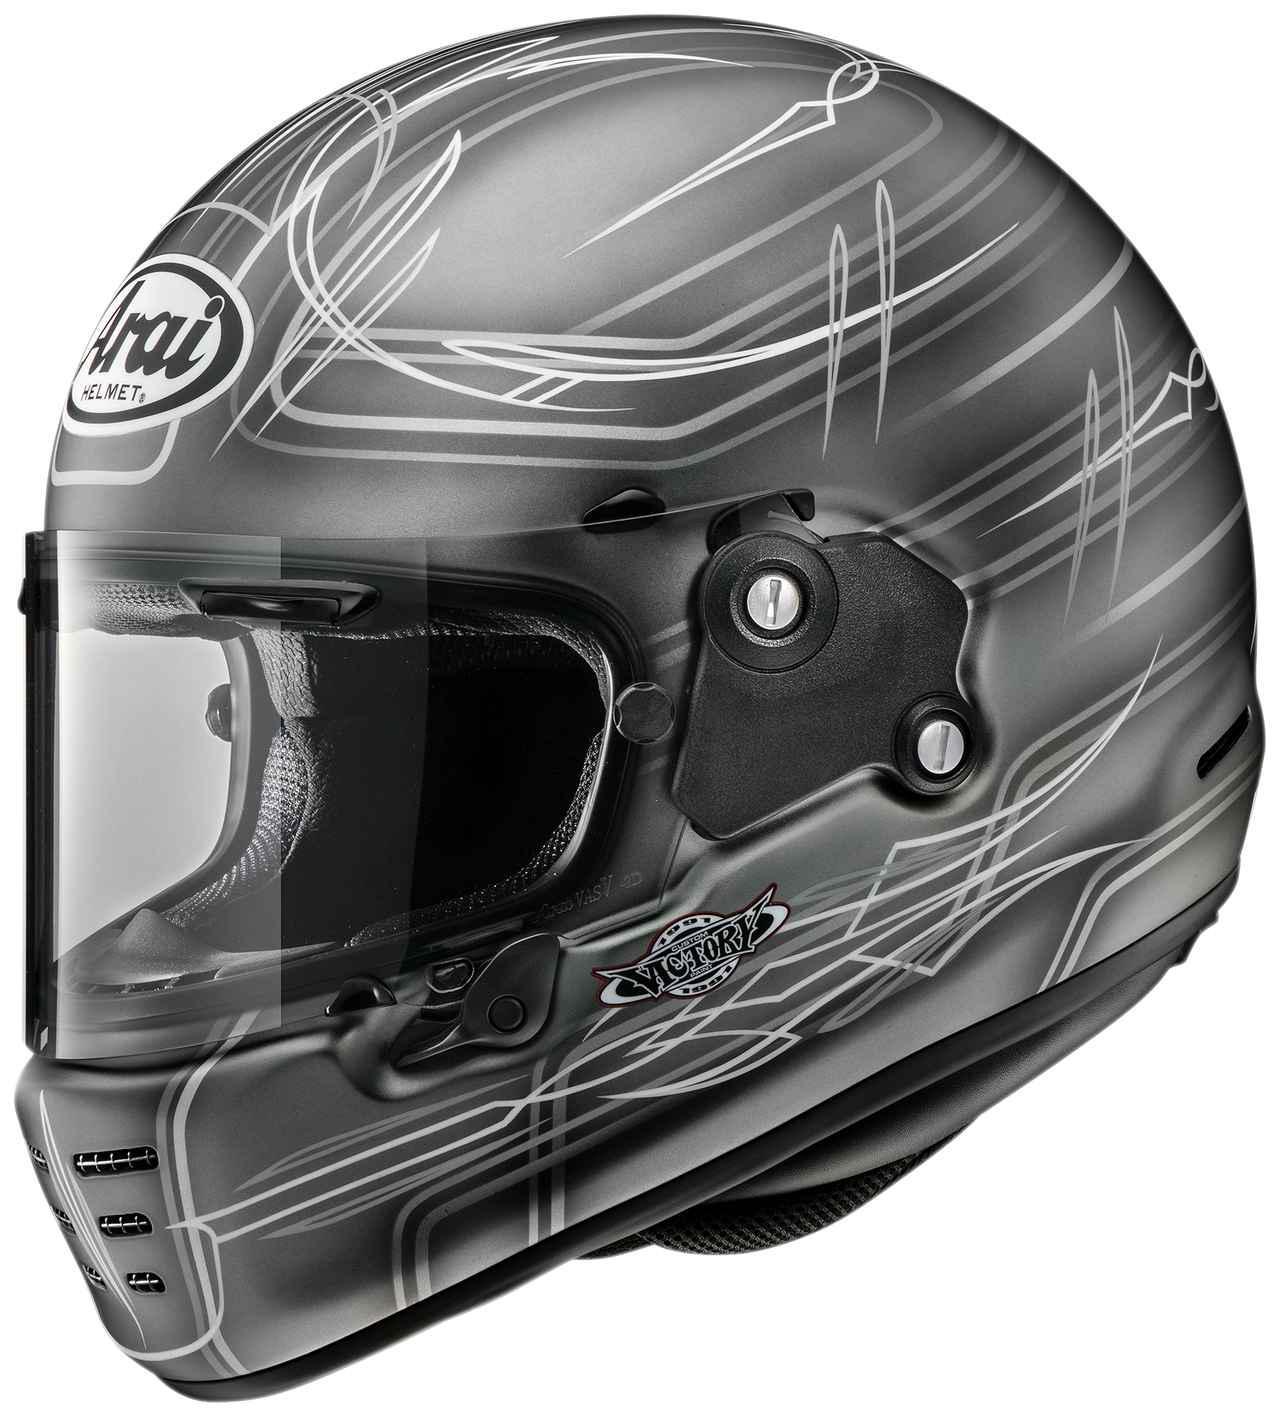 画像: 硬派なグラフィック!「ビクトリーカスタムペイント」が手掛けたアライヘルメット〈ラパイド・ネオ〉が渋い! - webオートバイ